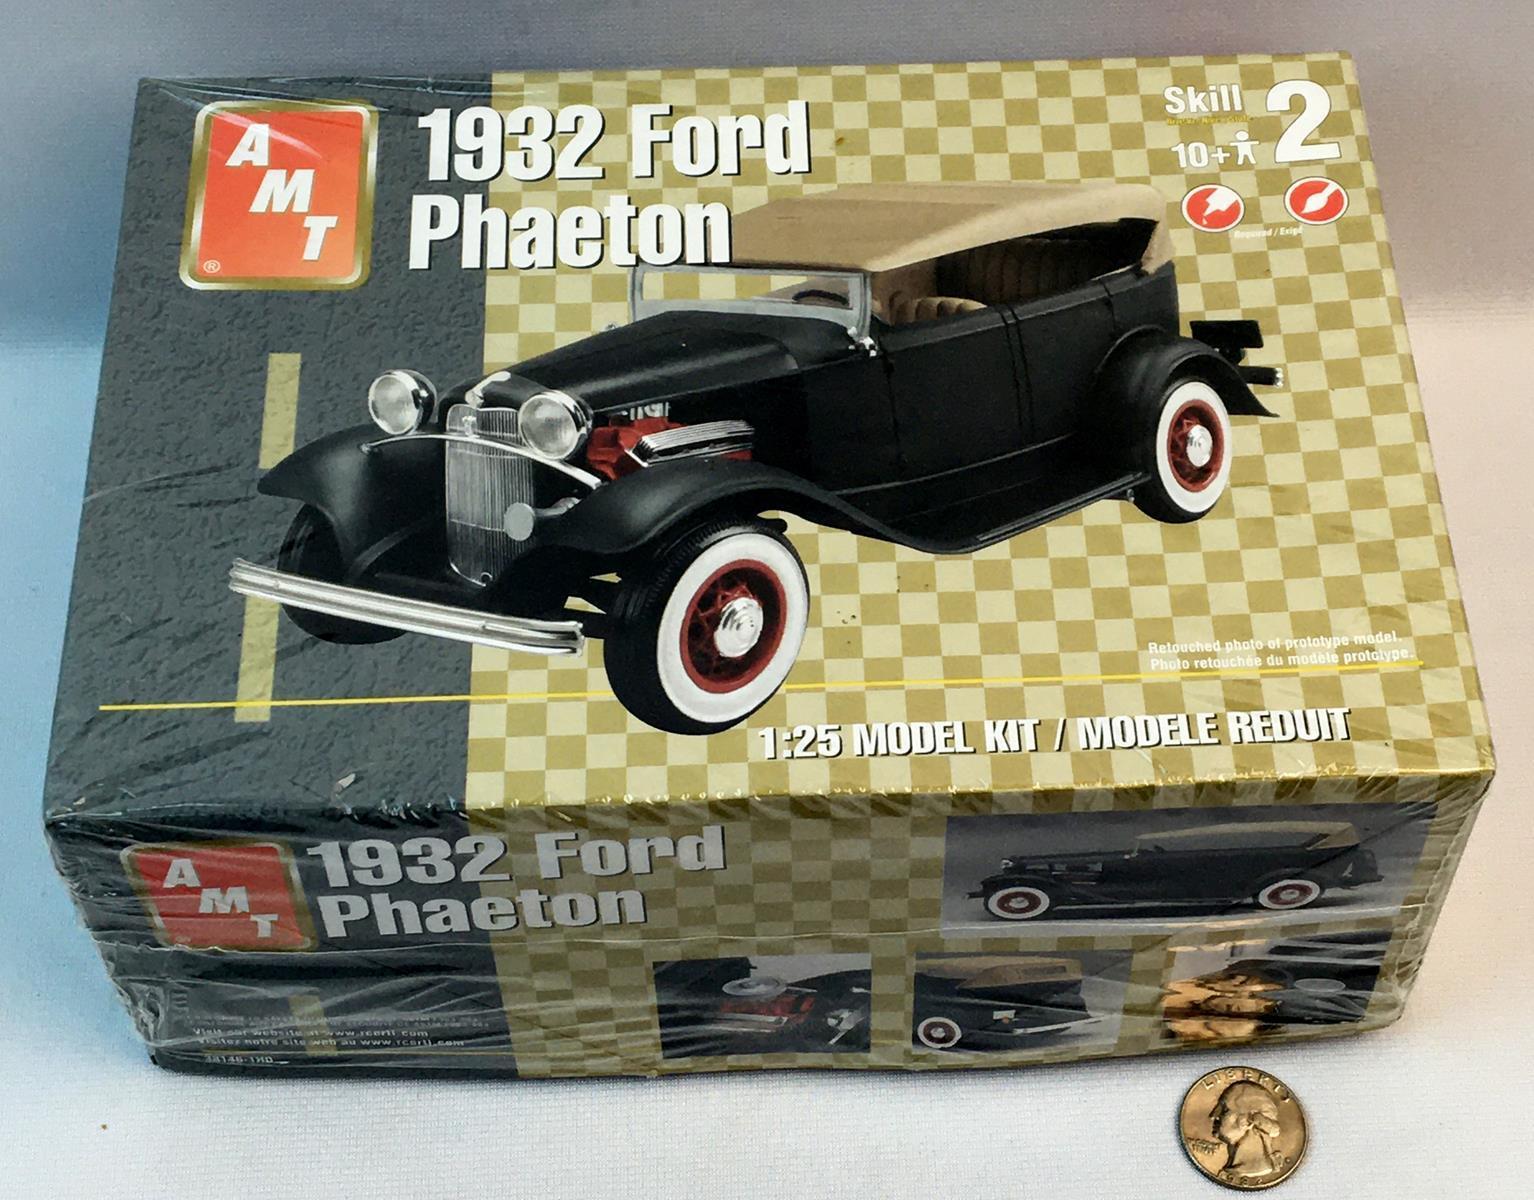 2003 AMT 1932 Ford Phaeton 1/25 Scale Model Kit UNBUILT